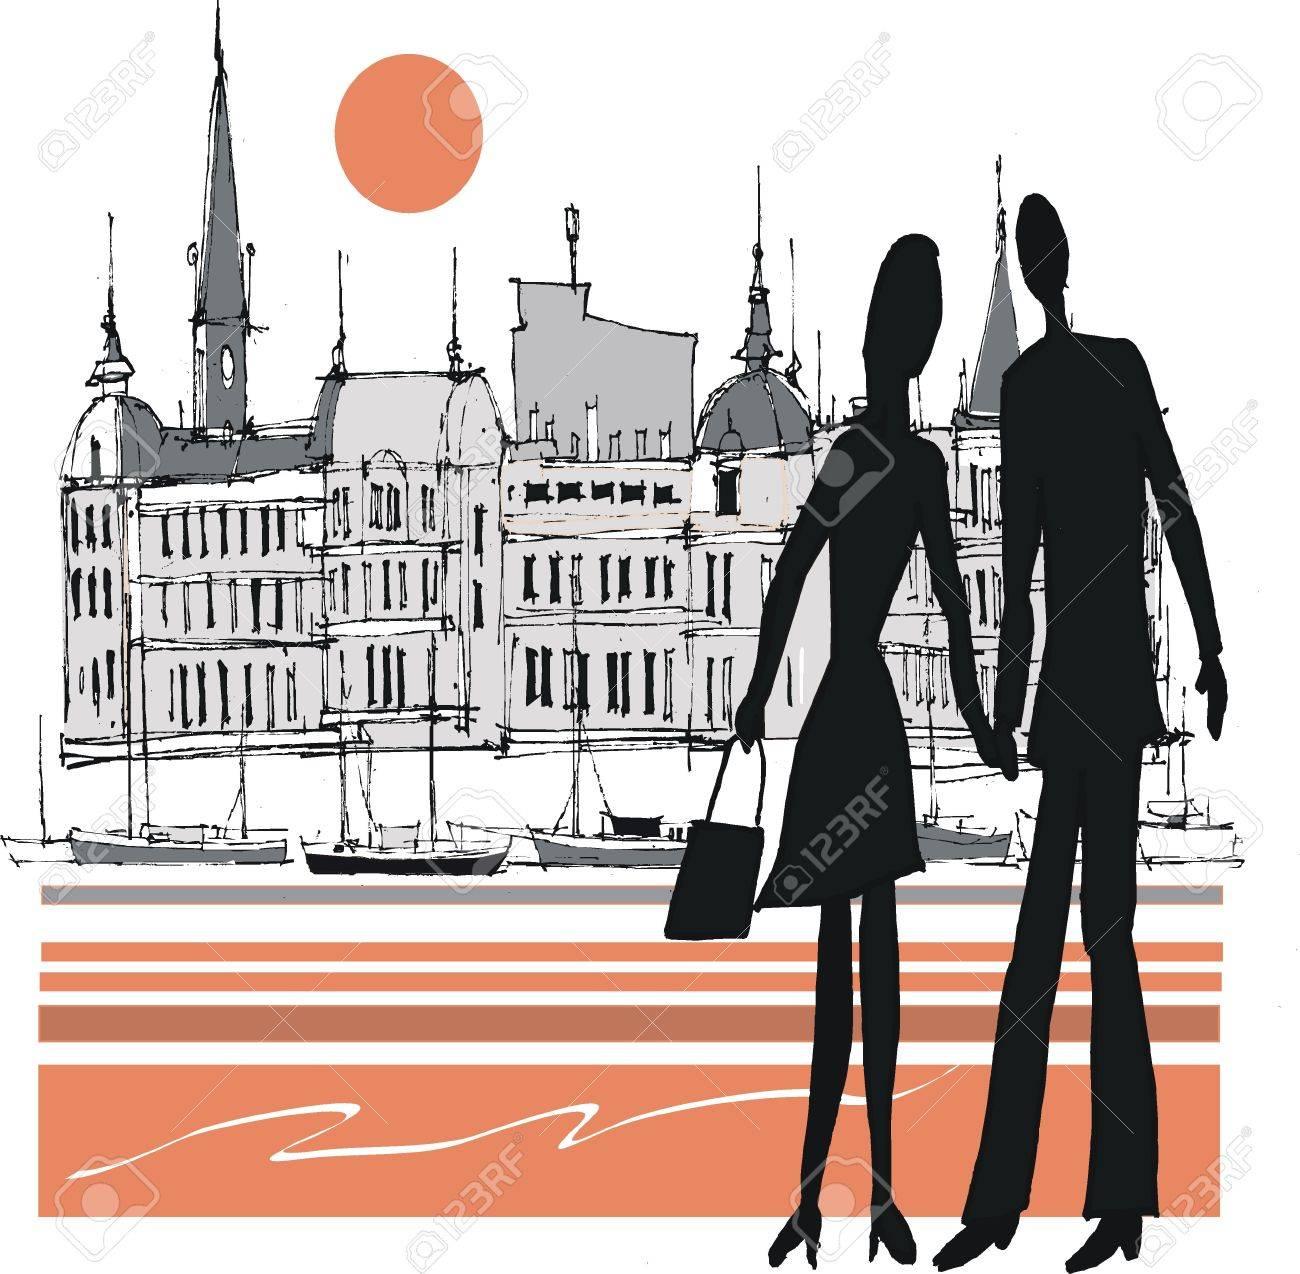 イラストのカップルの手をスウェーデンのストックホルム ロイヤリティ